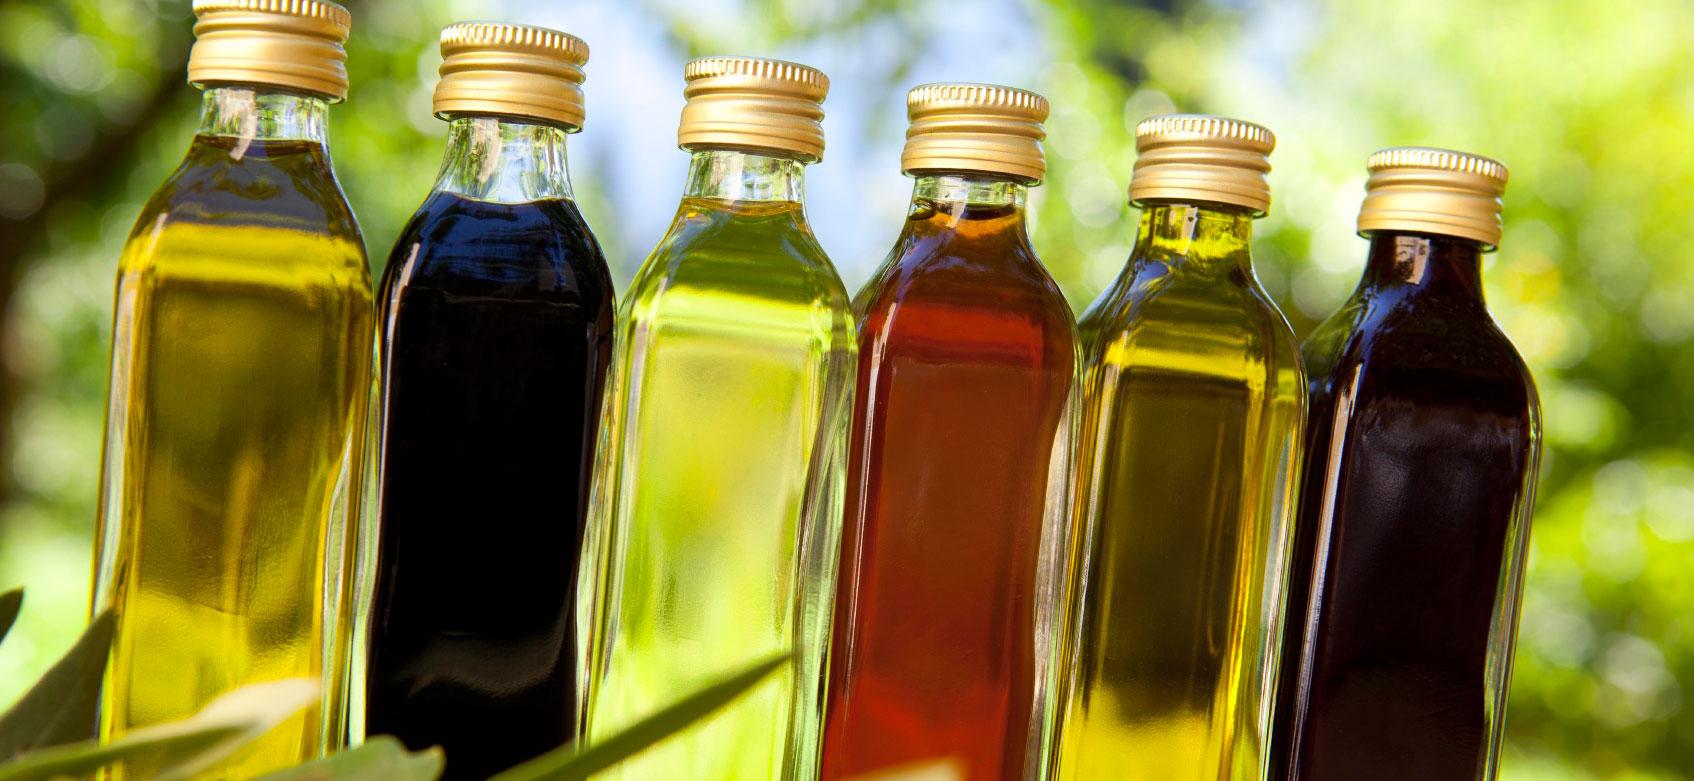 Примение растительного масла для удаления пены